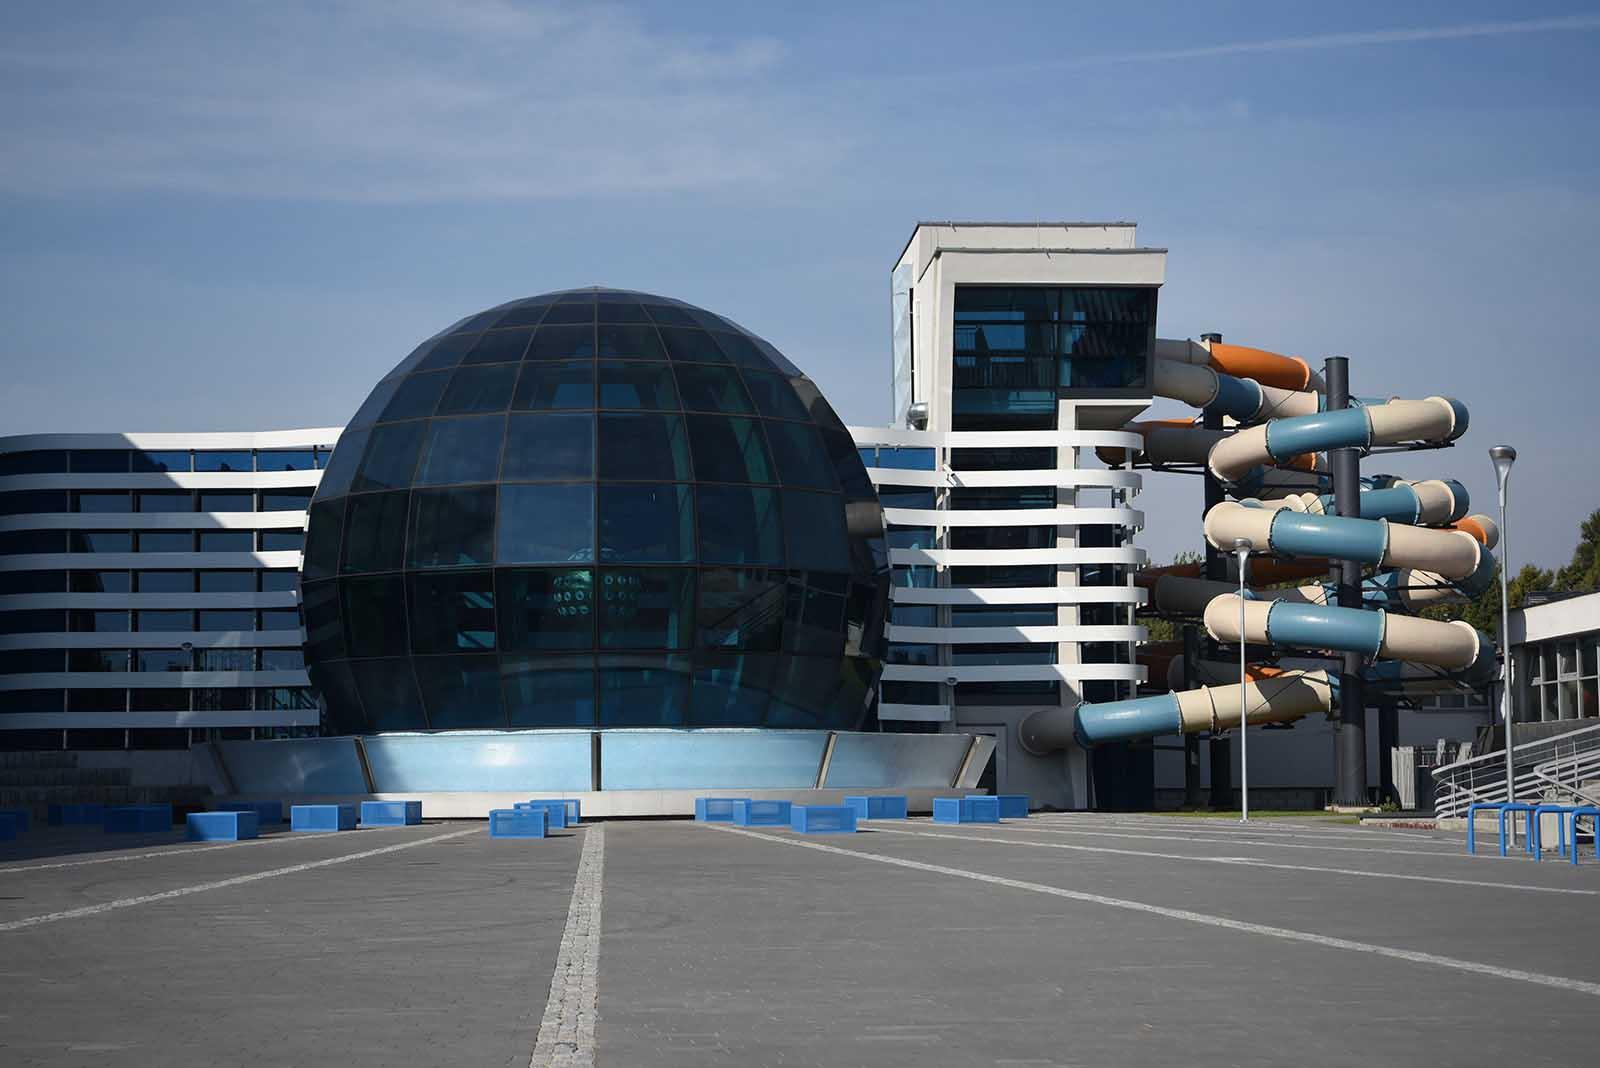 Basen olimpijski  Aqua Lublin (7).JPG